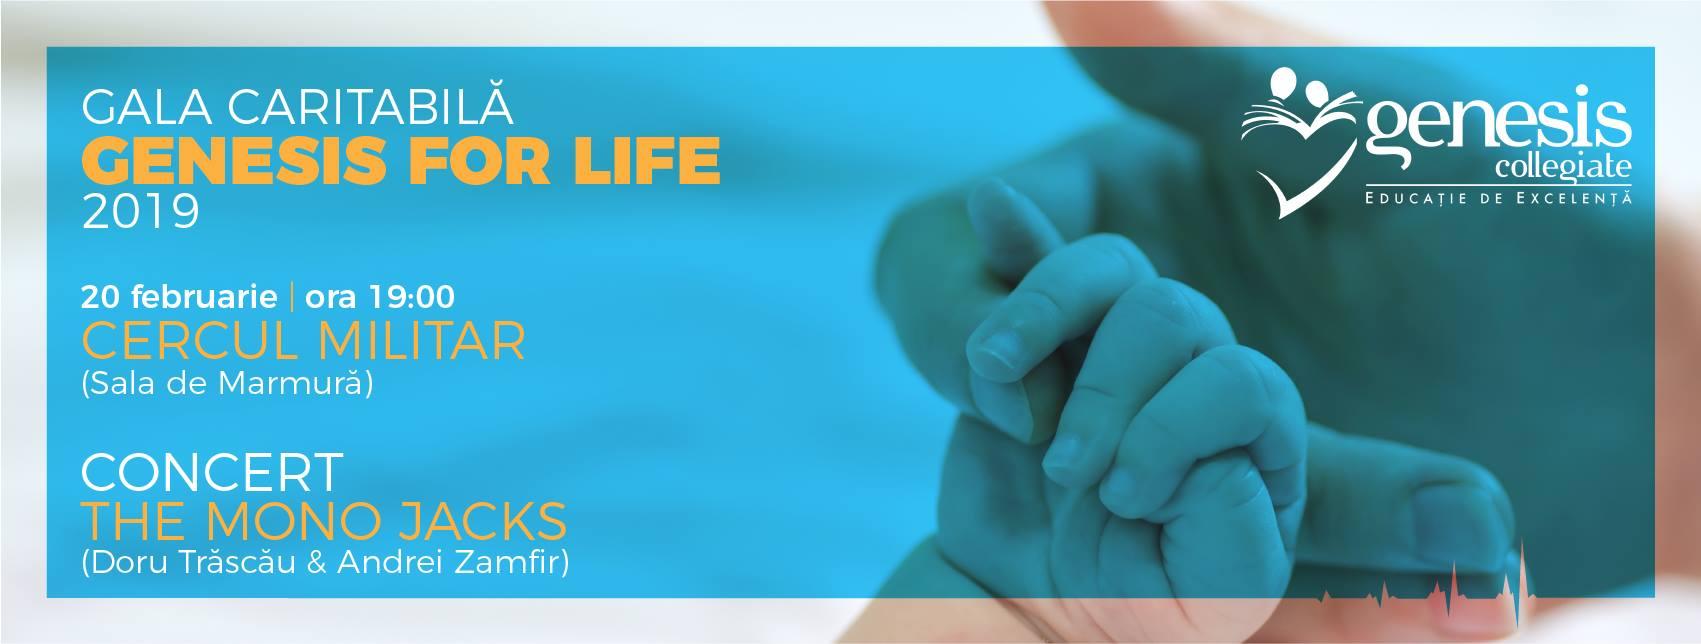 """15.500 de euro strânși prin Genesis for Life pentru dotarea Secției de Neonatologie a Spitalului ,,Marie Curie"""""""